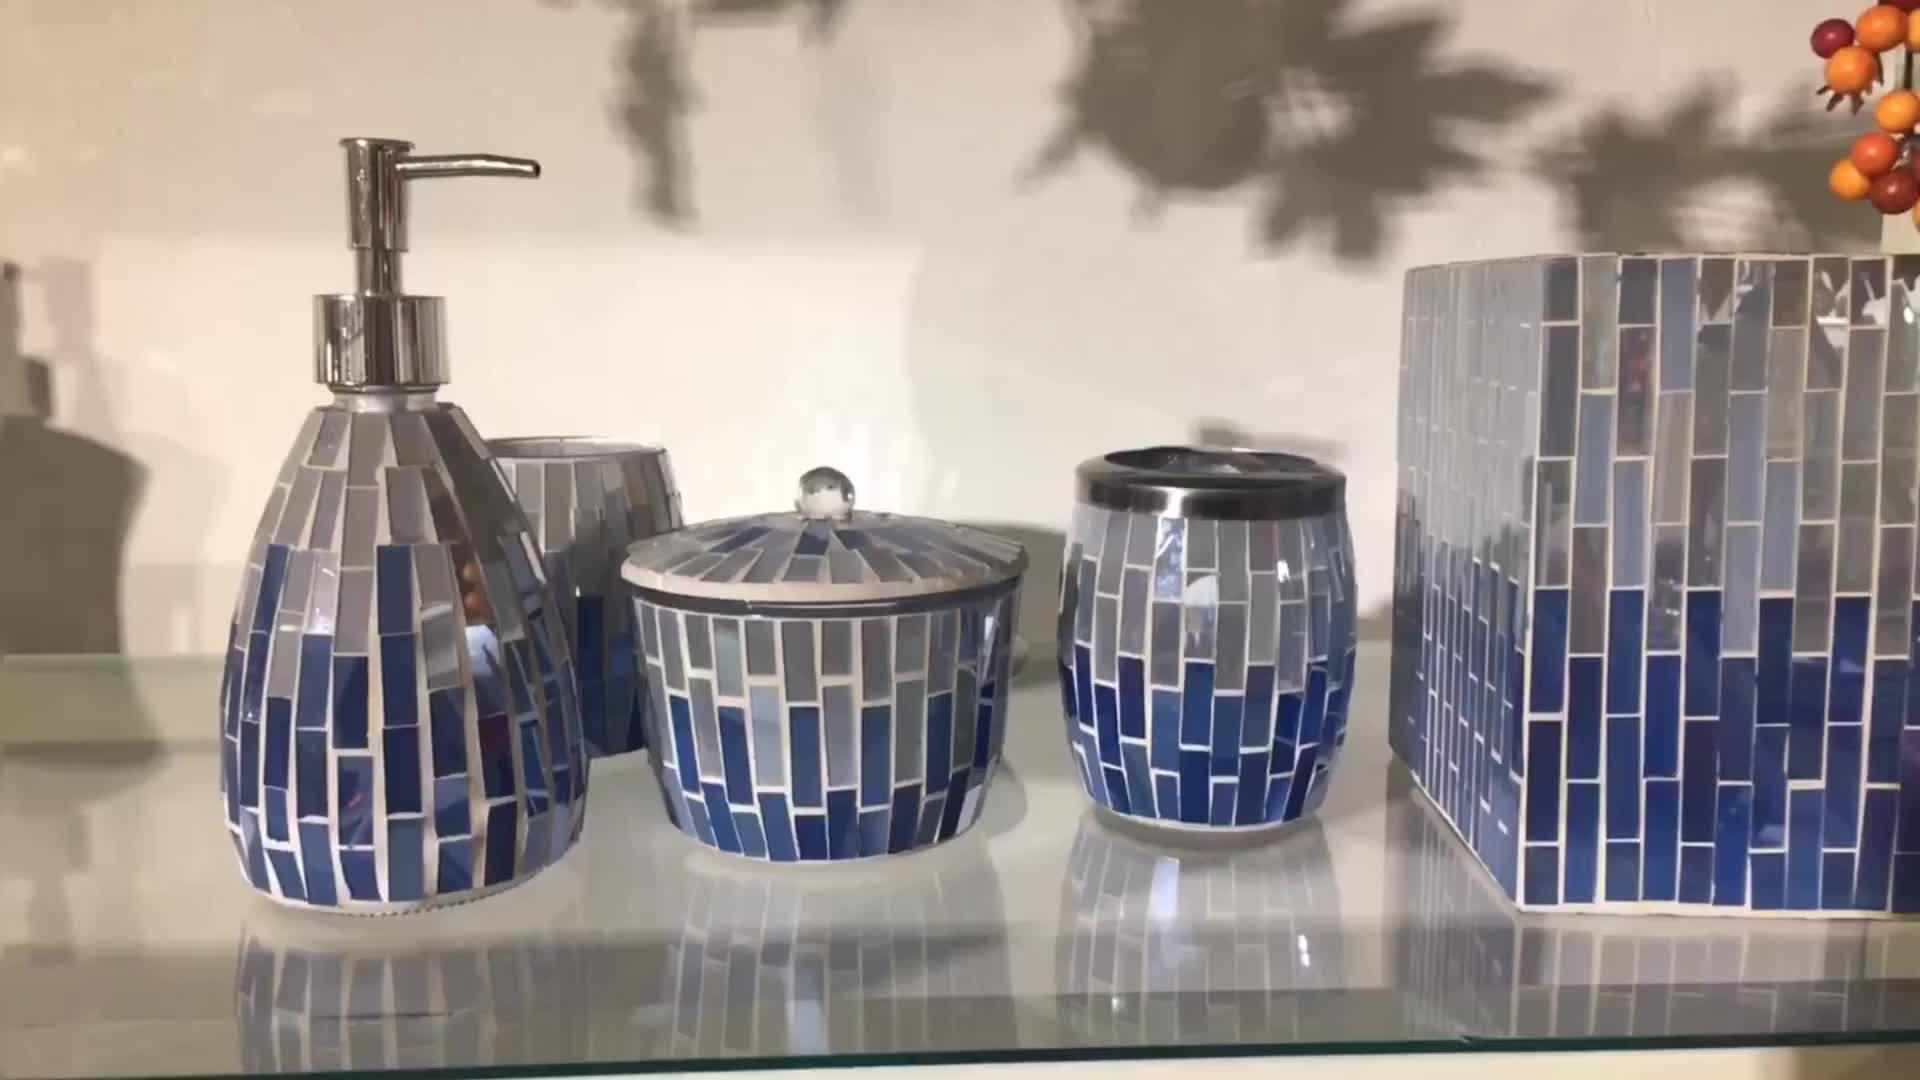 Conception de feuille En Gros denim bleu couleur 5 Pièces set Salle De Bain Accessoire Ensemble